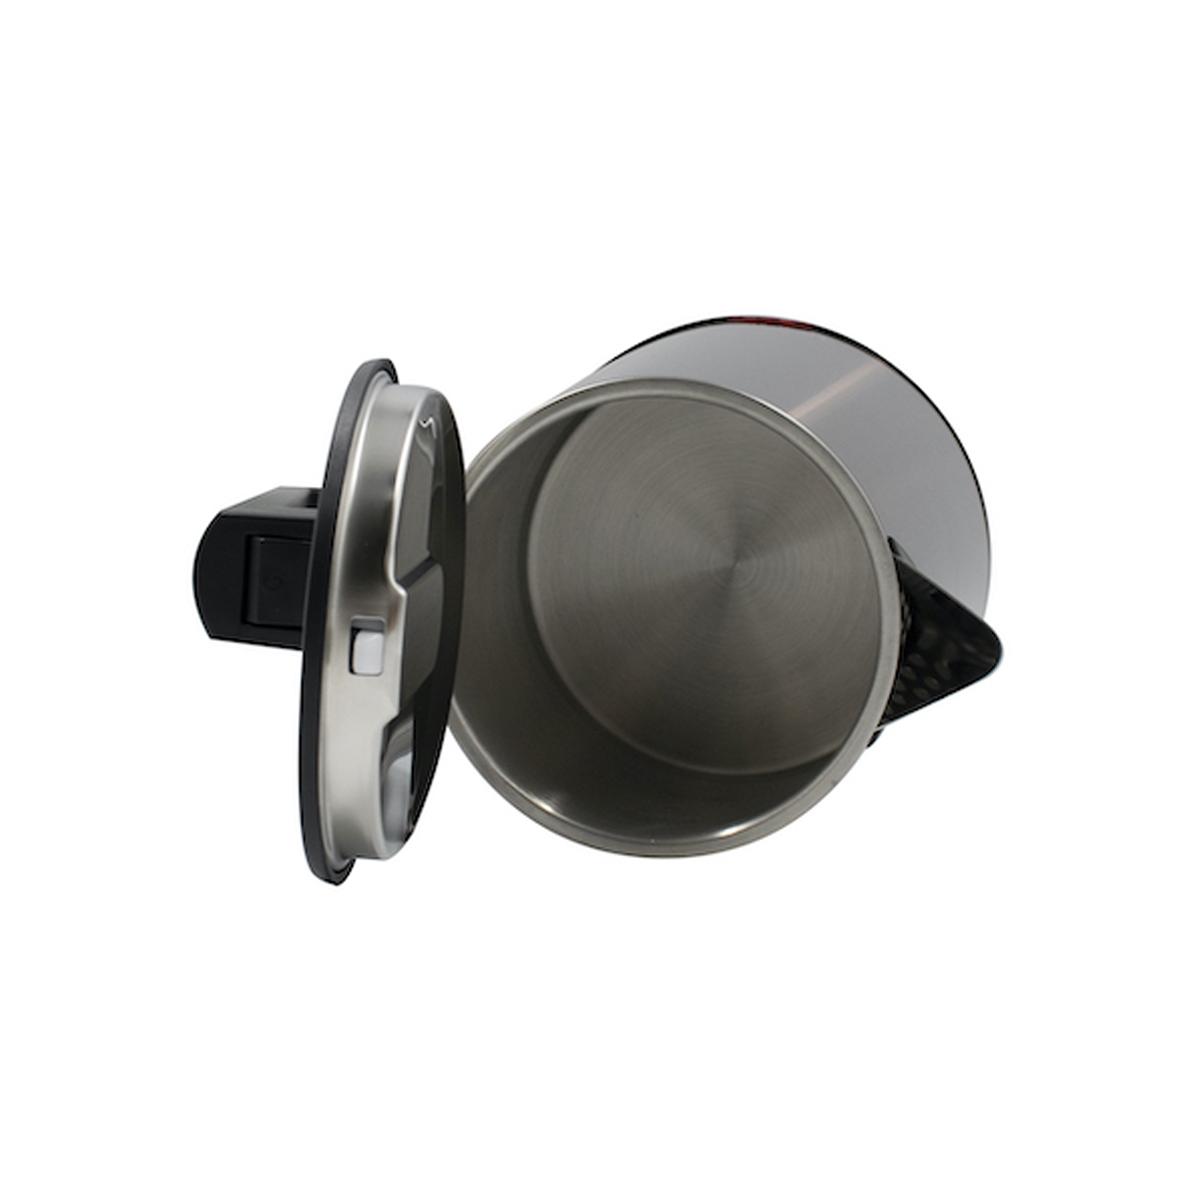 Ấm đun siêu tốc 2 lớp cách nhiệt Lock&Lock EJK631BLK (1.7L) Màu đen - Hàng chính hãng, thân bình bằng thép không gỉ, tay cầm làm bằng nhựa PP, tự động ngắt điện khi sôi